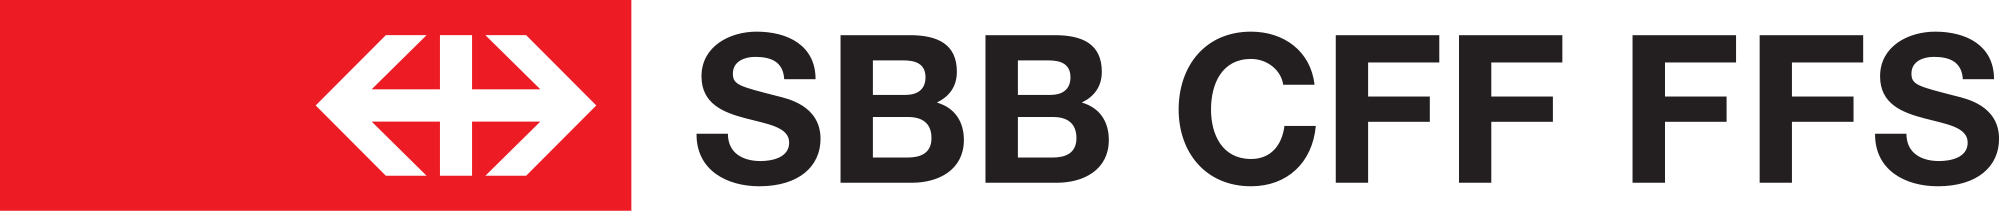 SBB hat sich mit media BROS eine langjährige Partnerschaft auf strategischer Ebene gesichert.